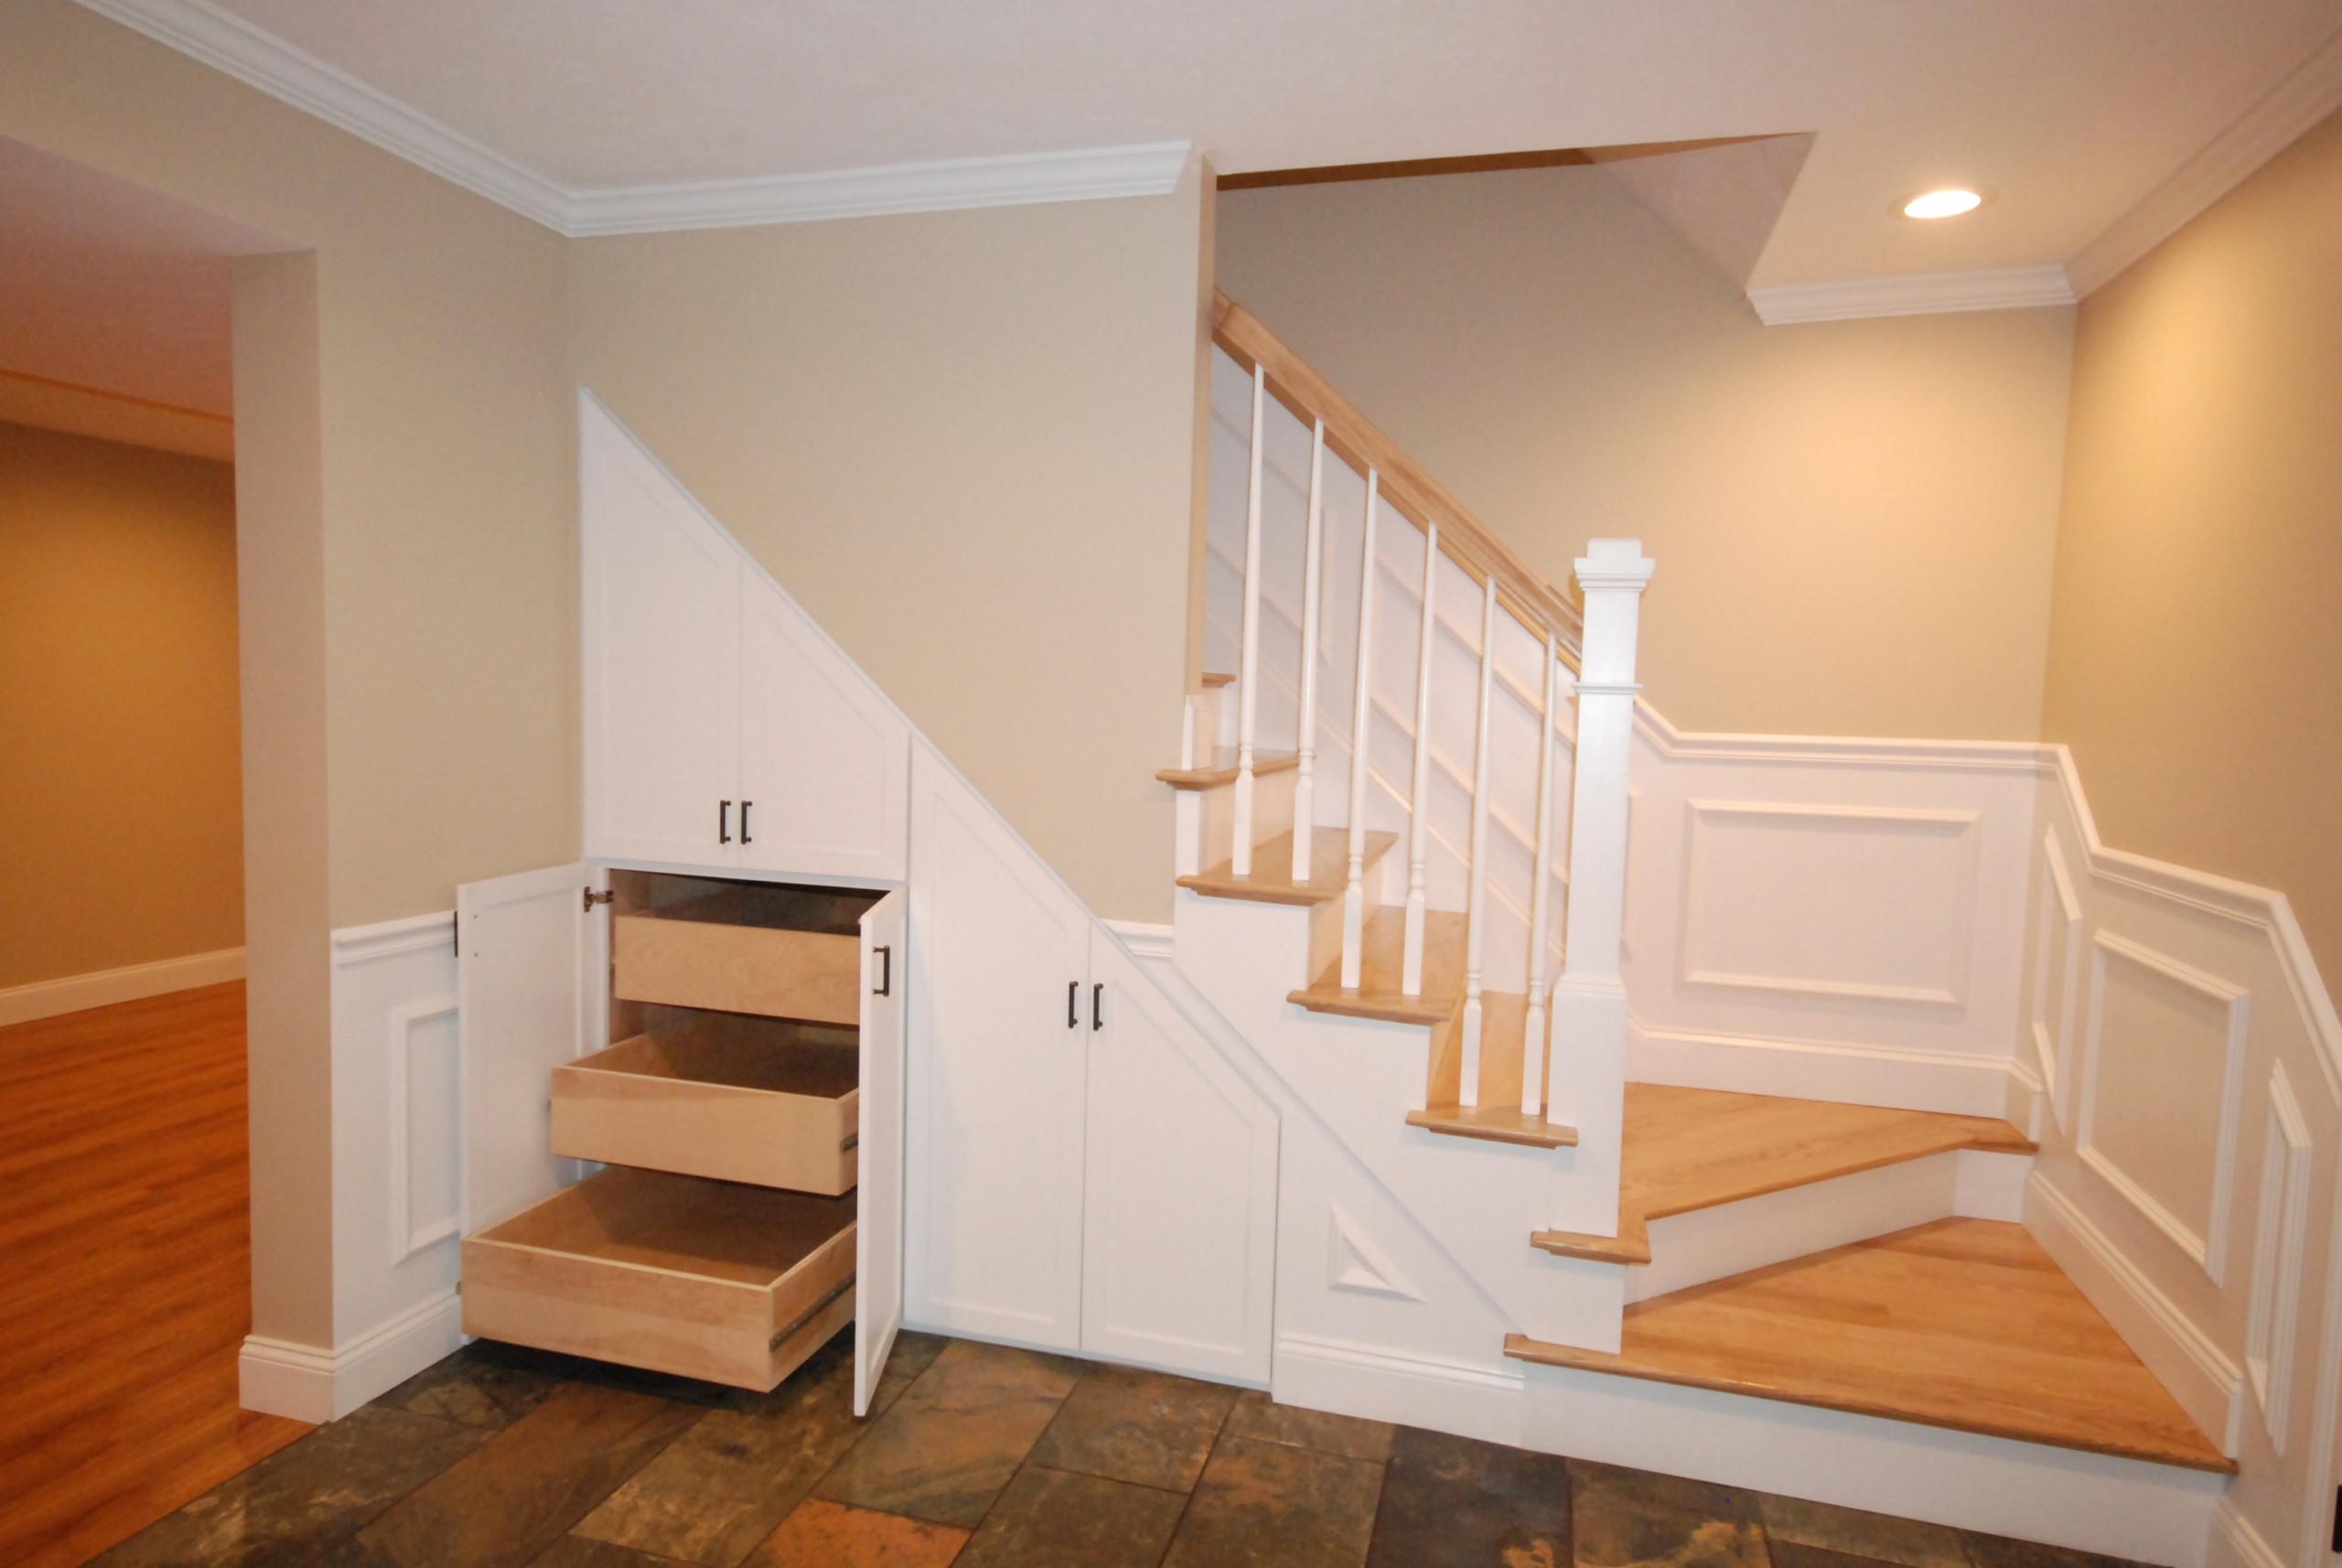 Basement Stair Storage Houzz